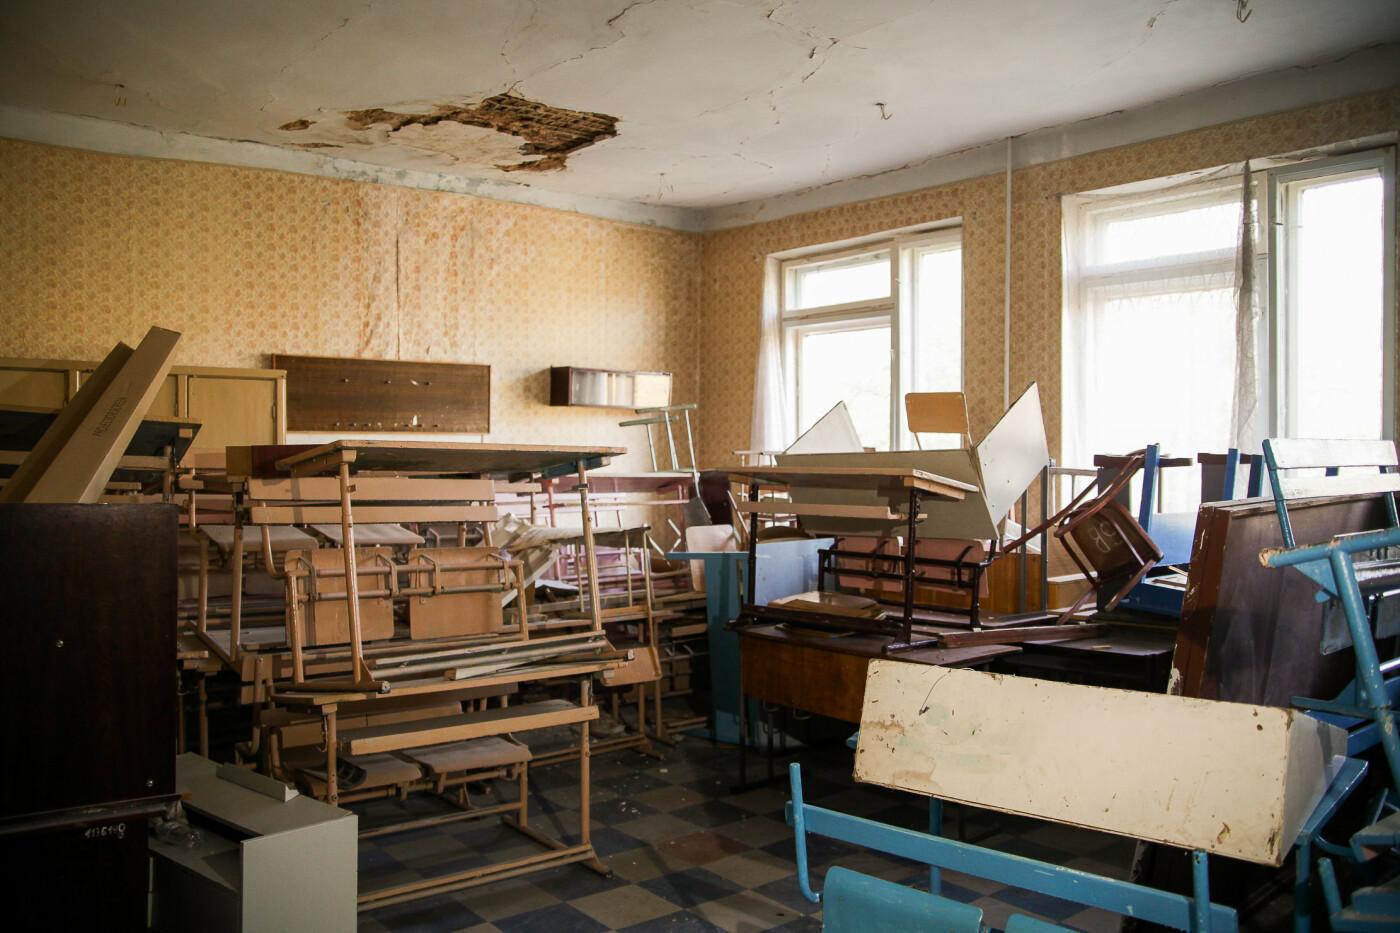 На Днепропетровщине отреконструируют школу за 185 миллионов гривен, - ФОТО, фото-4